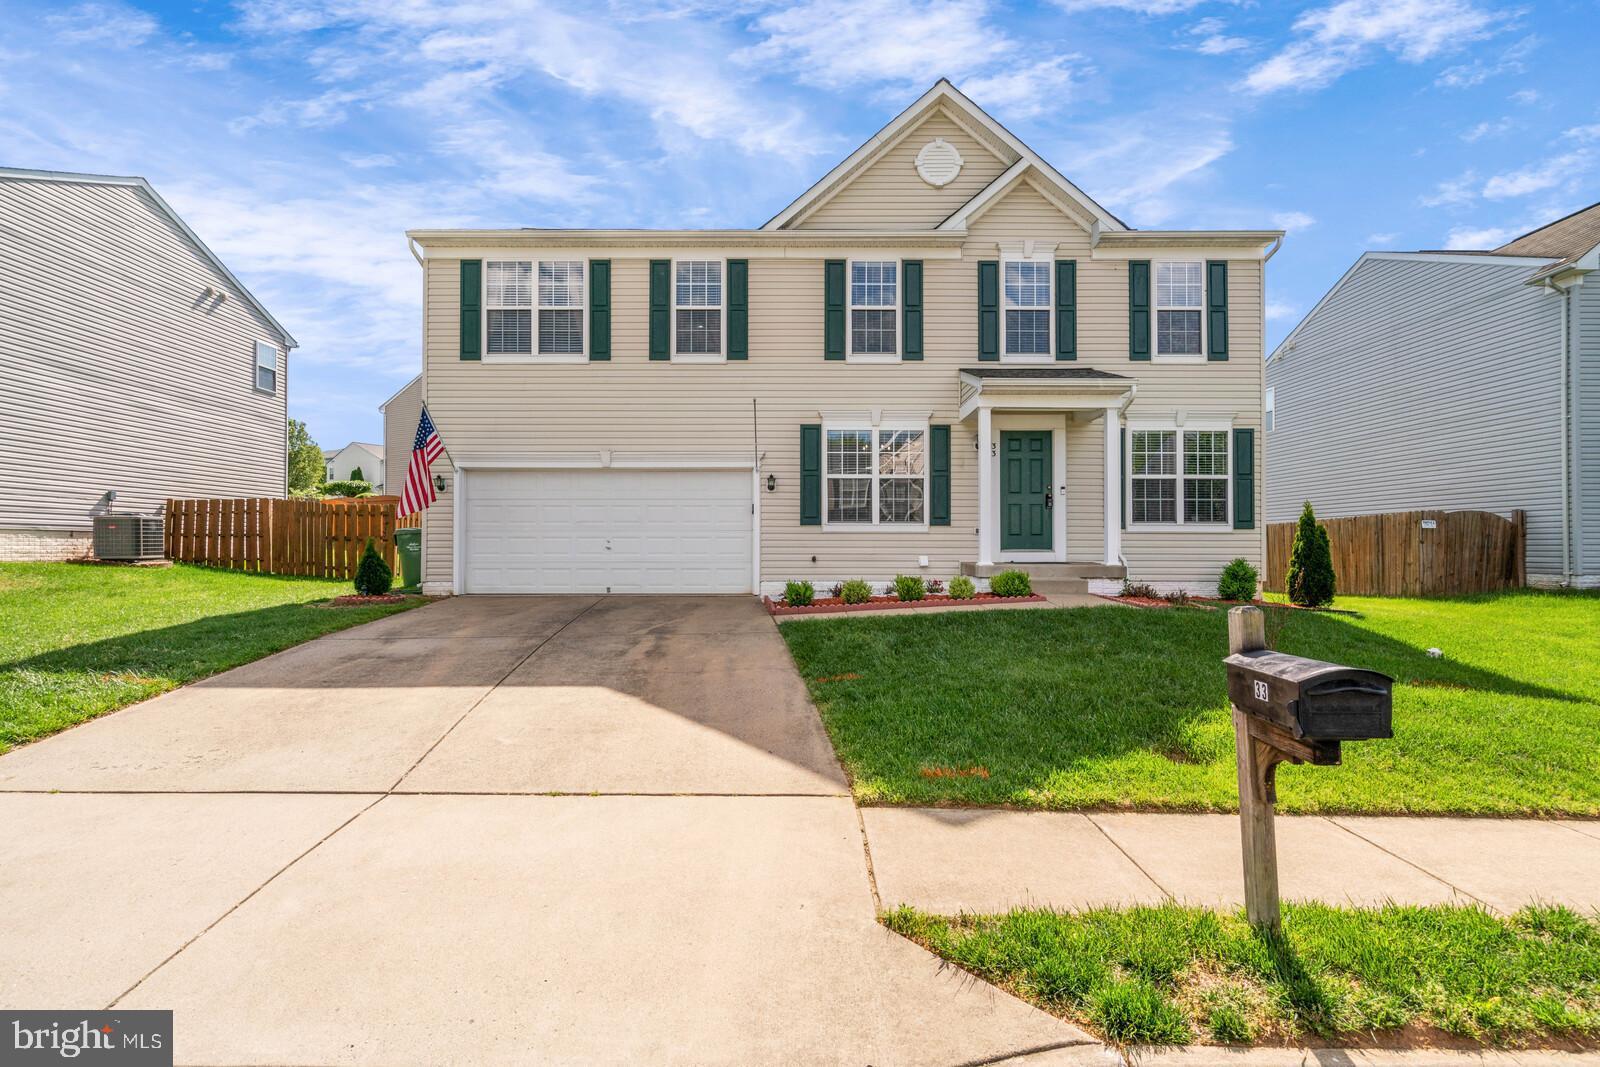 33 Ripley Rd, Stafford, VA, 22556